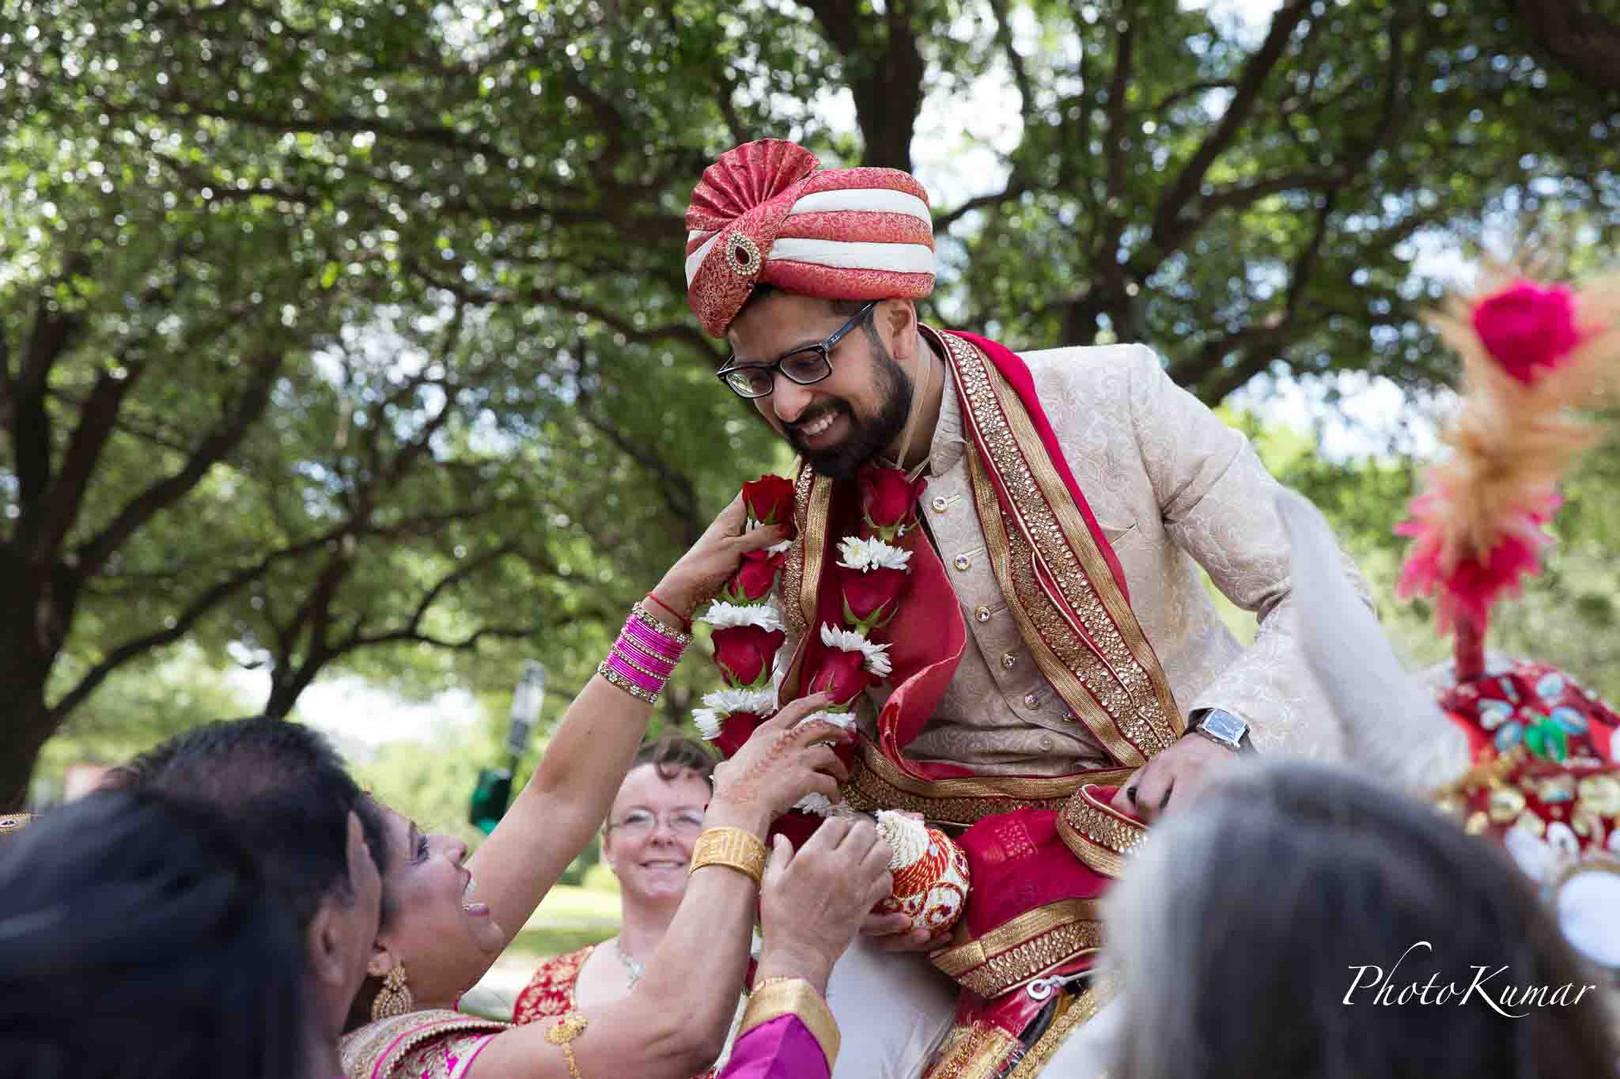 Baraat-wedding-photokumar-2.jpg